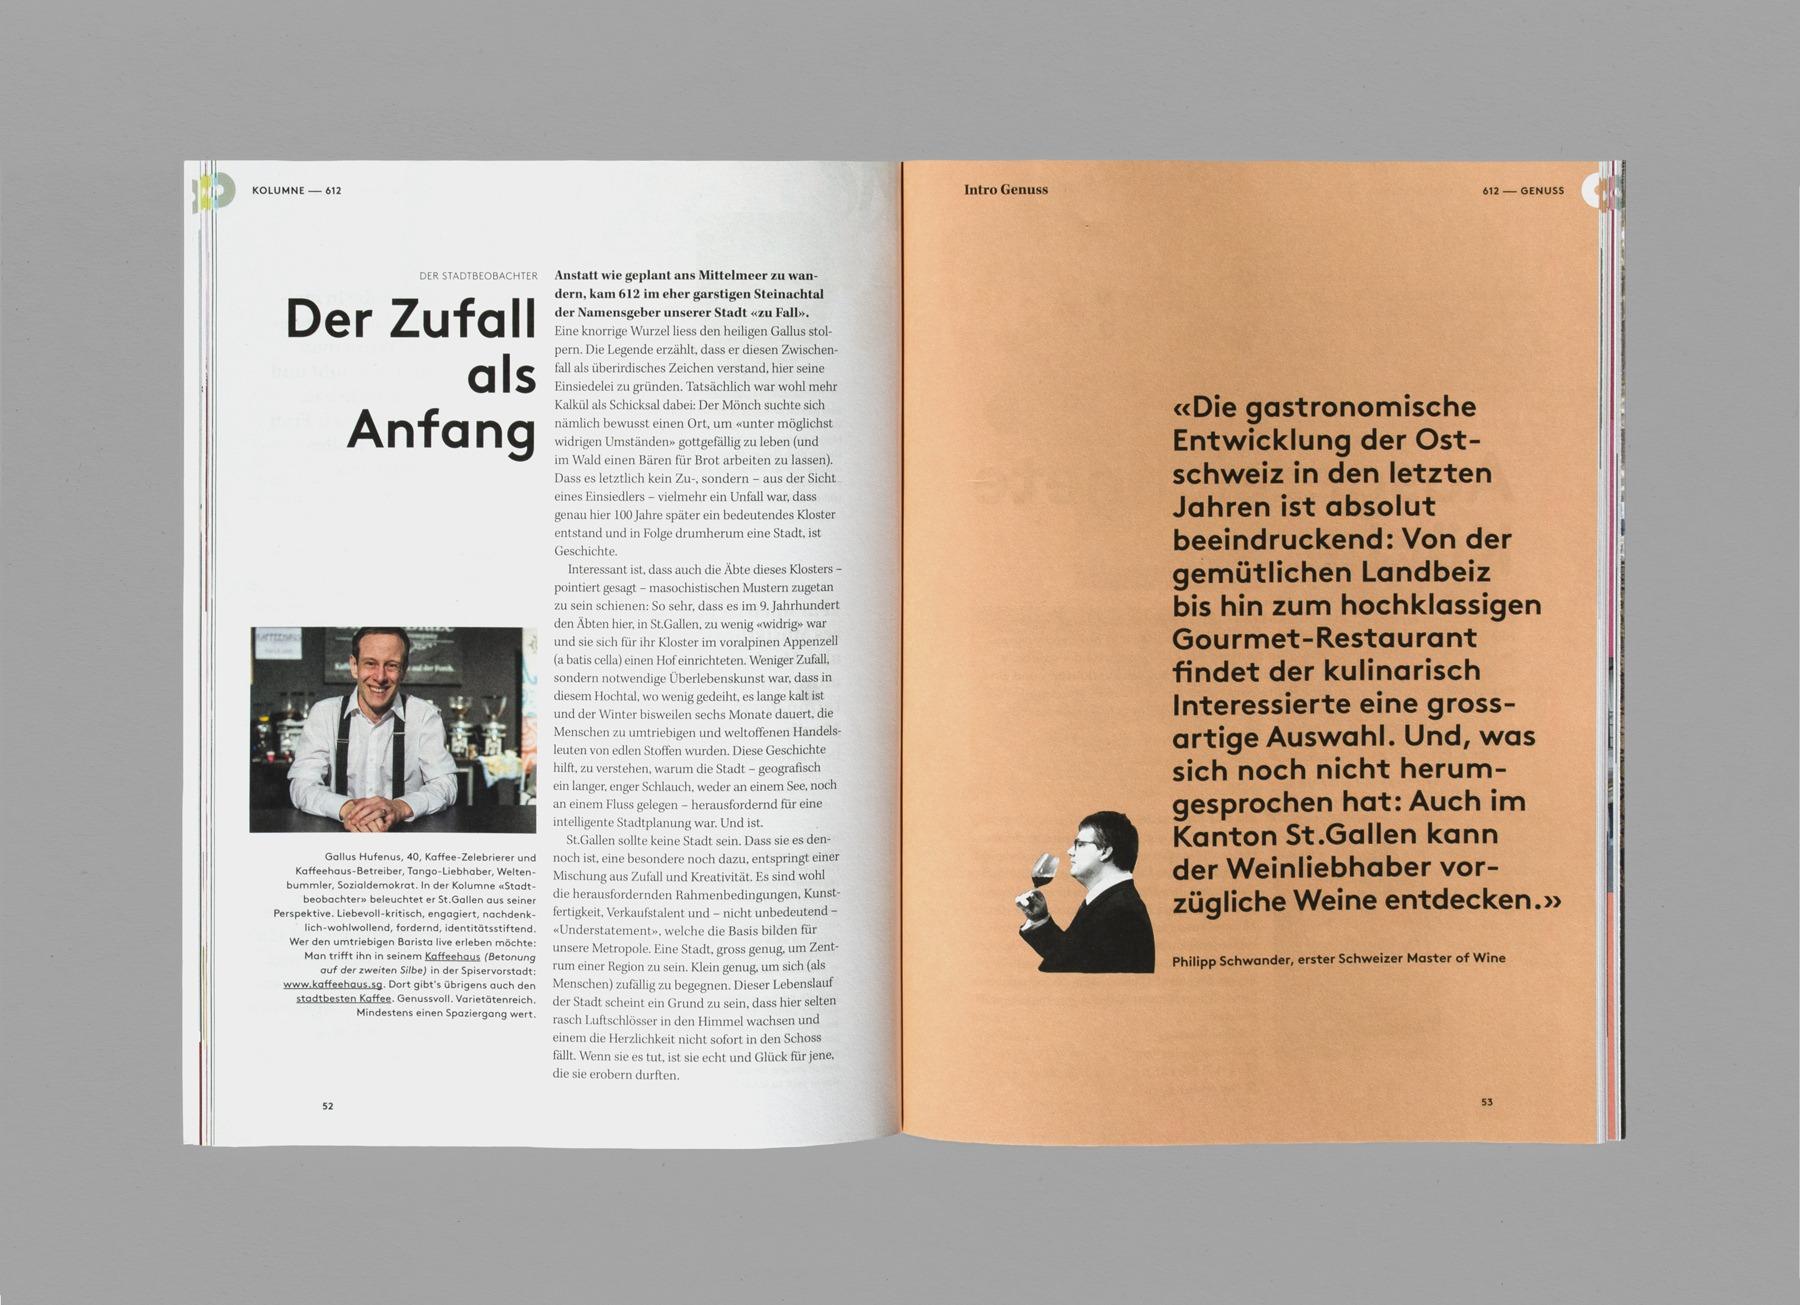 612 Zufall, S 52-53, Interview Gallus Hufenus, Zitat Philipp Schwander, Das Guide-Magazin von St. Gallen Bodensee Tourismus, Ausgabe 02, produziert von Pur Kommunikation